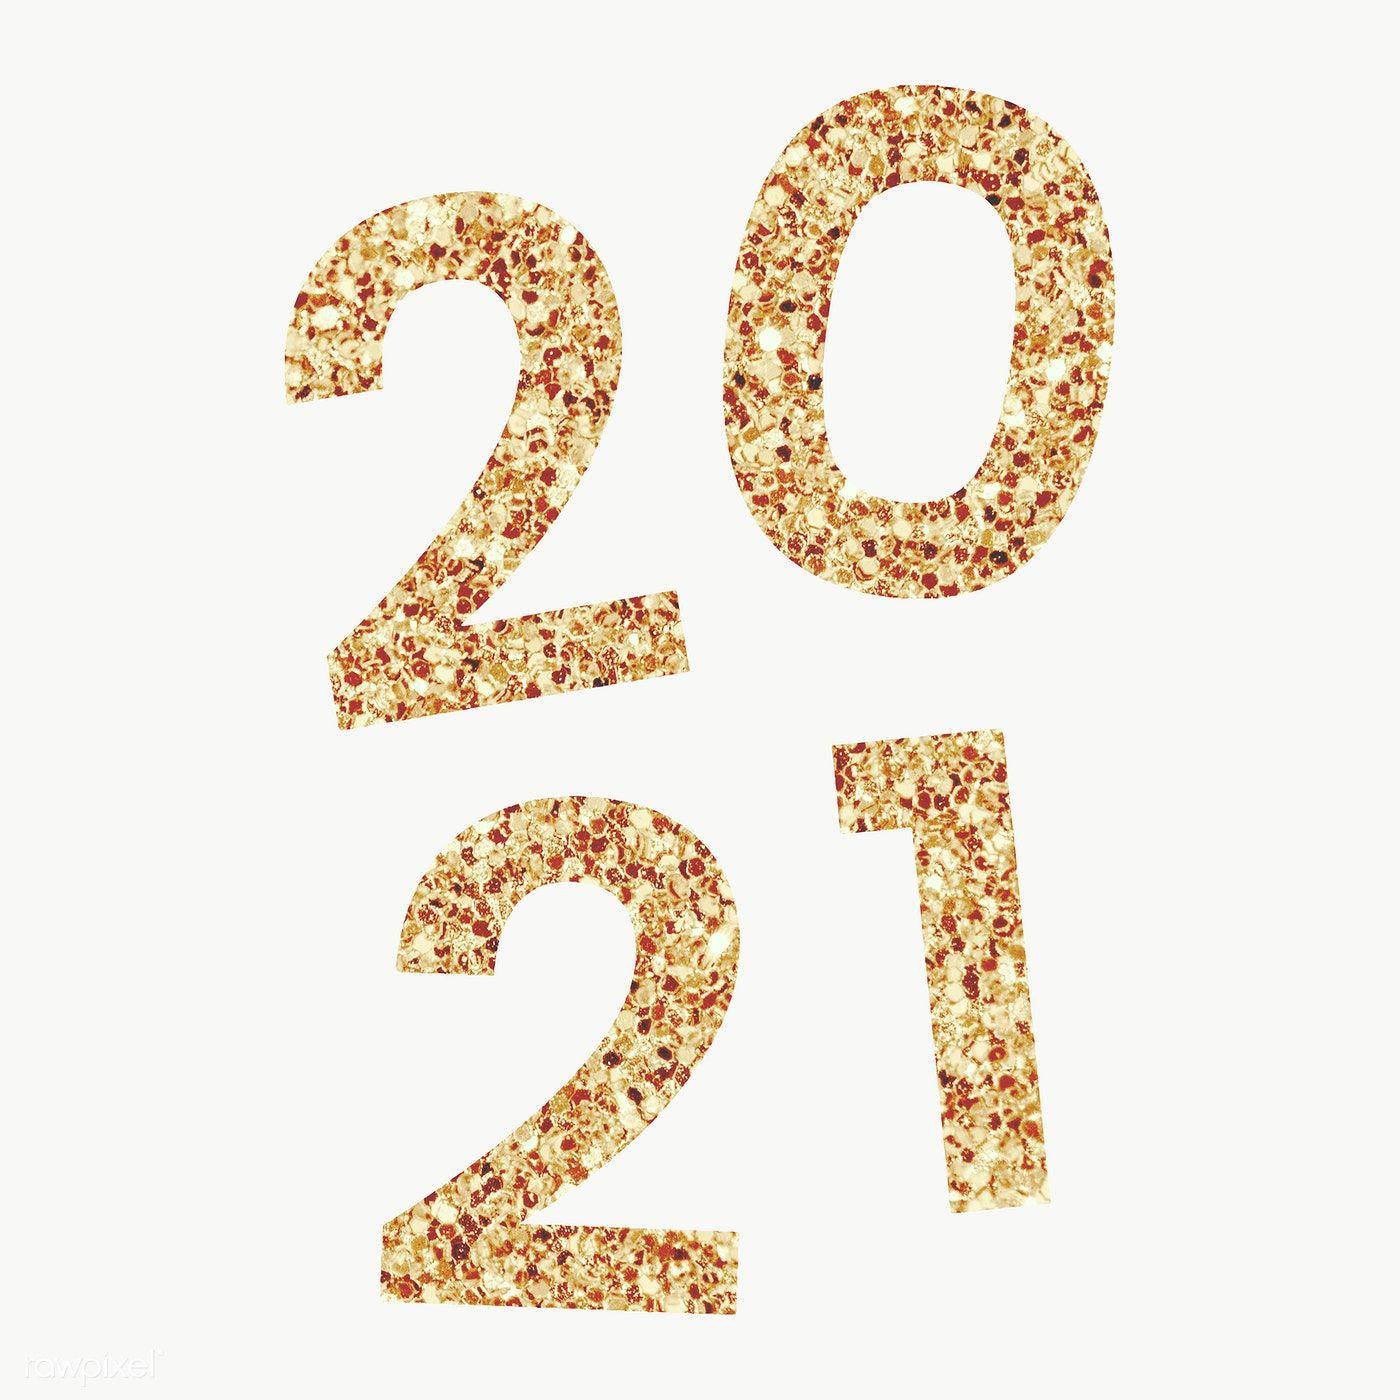 Festive golden shimmering 2021 transparent png image by 1400x1400